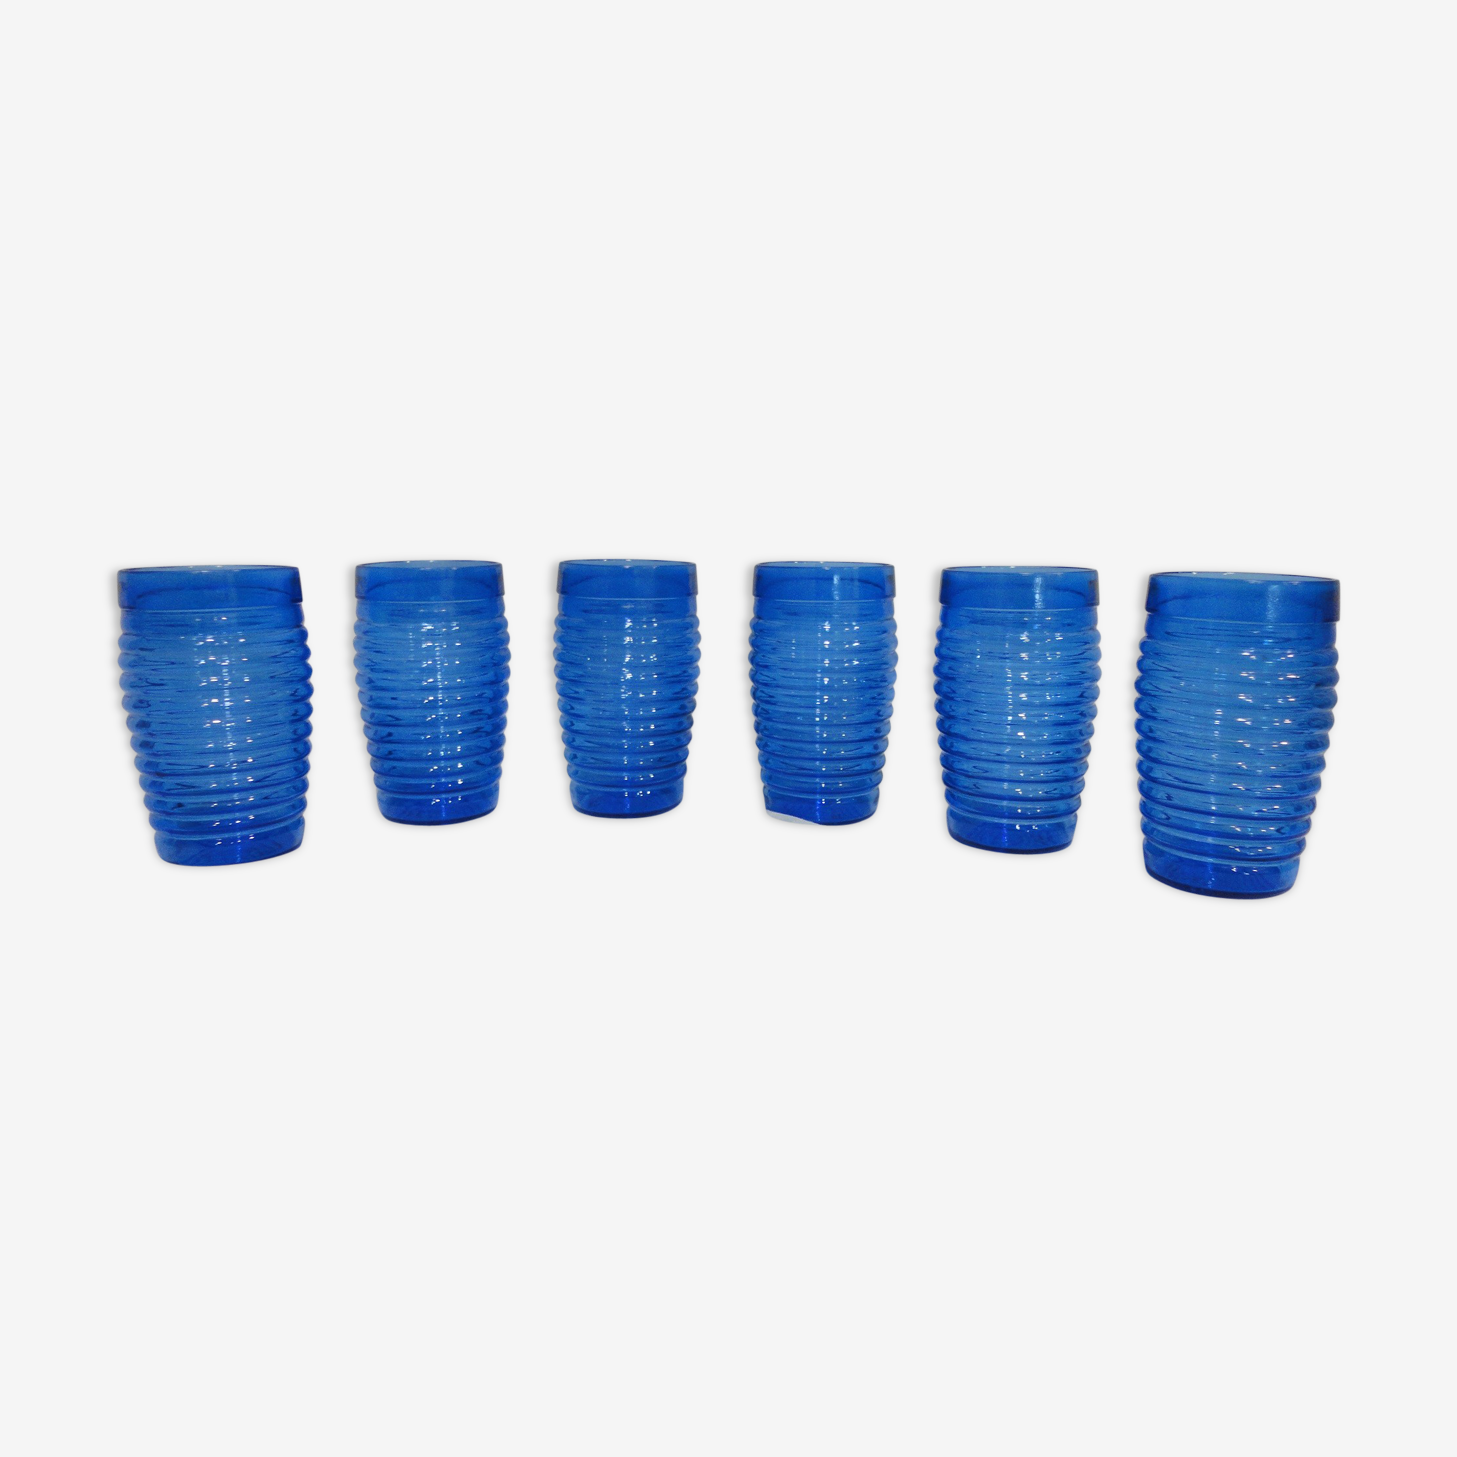 Set of 6 vintage blue glass glasses